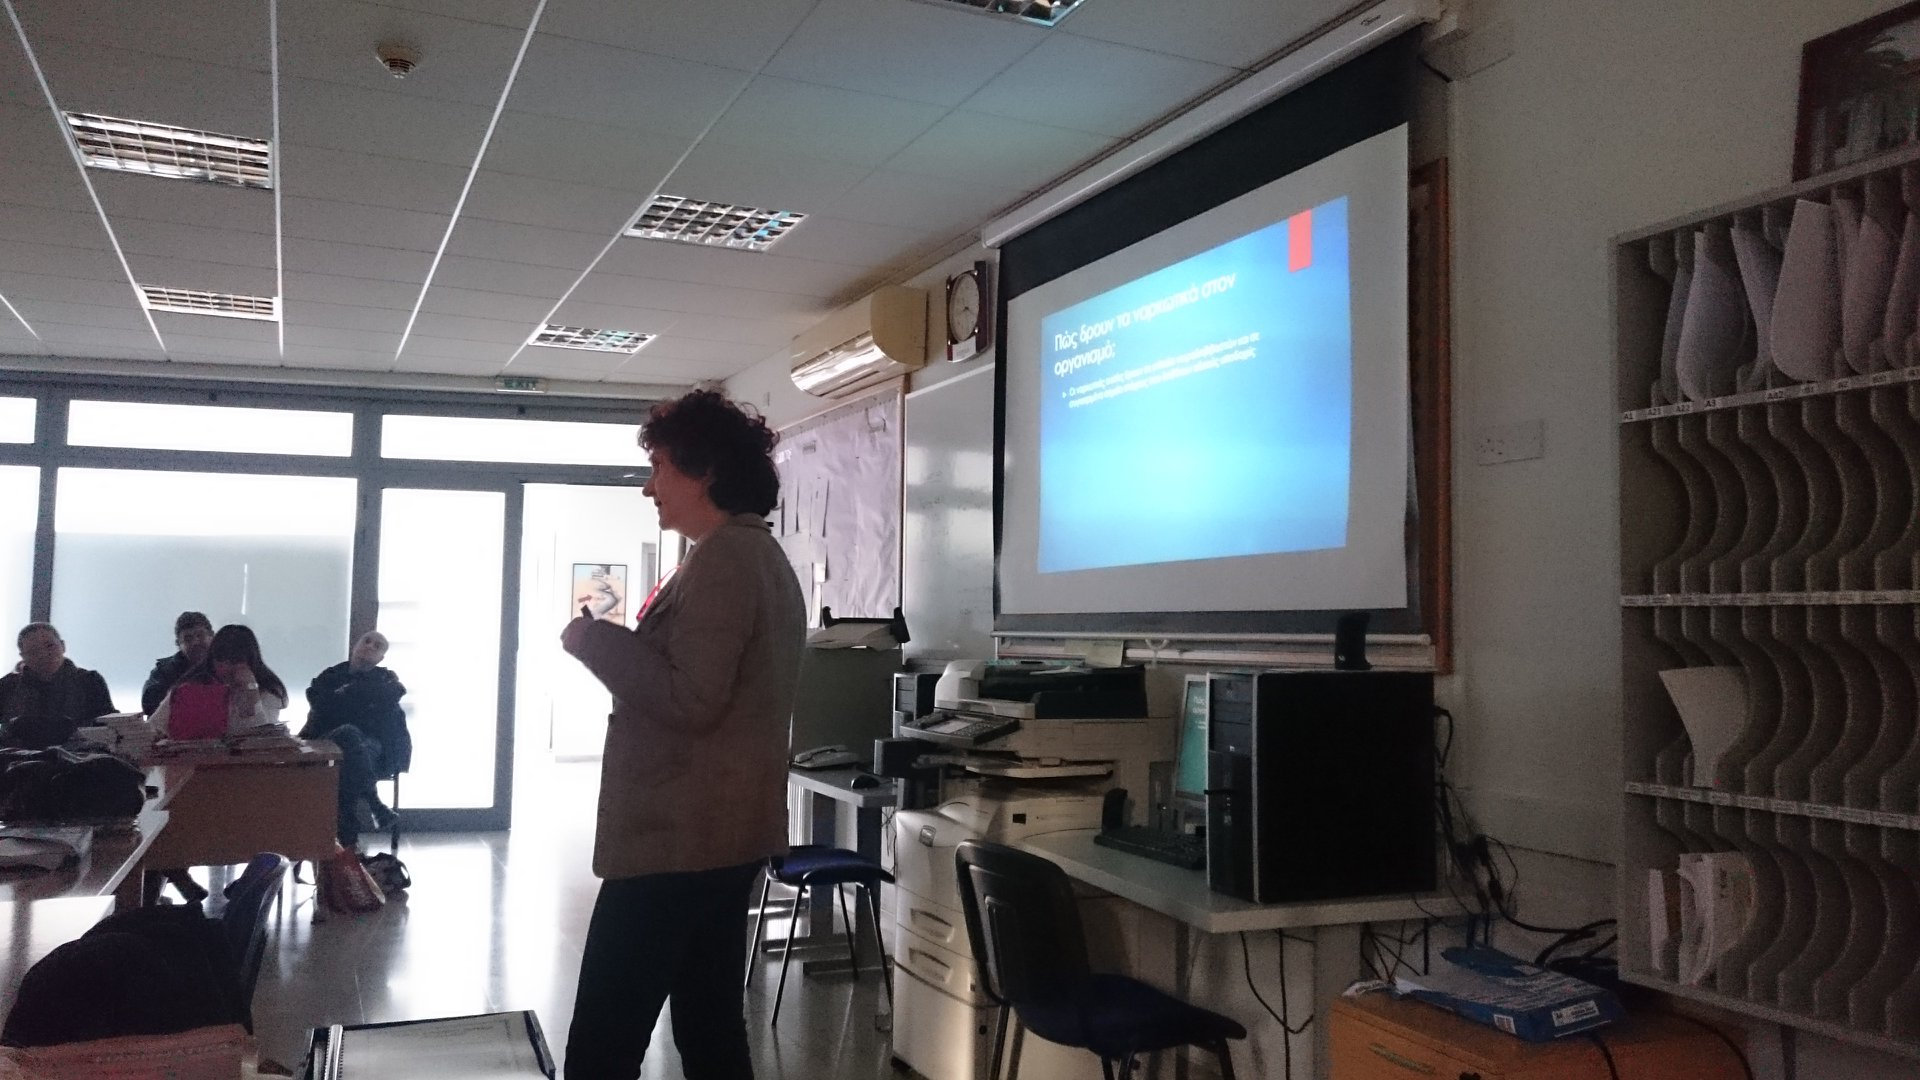 """Διάλεξη με θέμα """"Εξαρτησιογόνες ουσίες"""" στο Λύκειο Γιαννάκη Ταλιώτη στη Γεροσκήπου"""